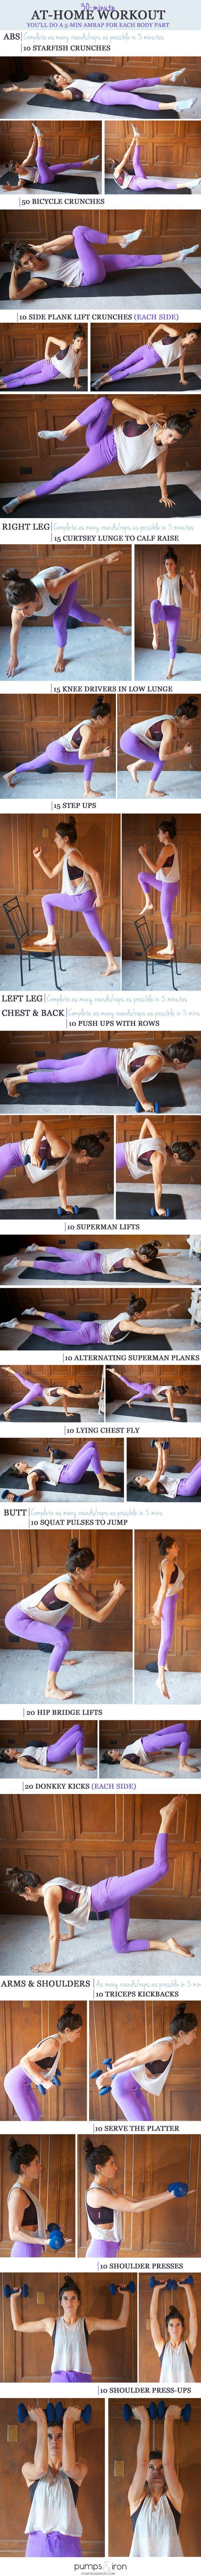 Treino caseiro, exercícios, fitness.